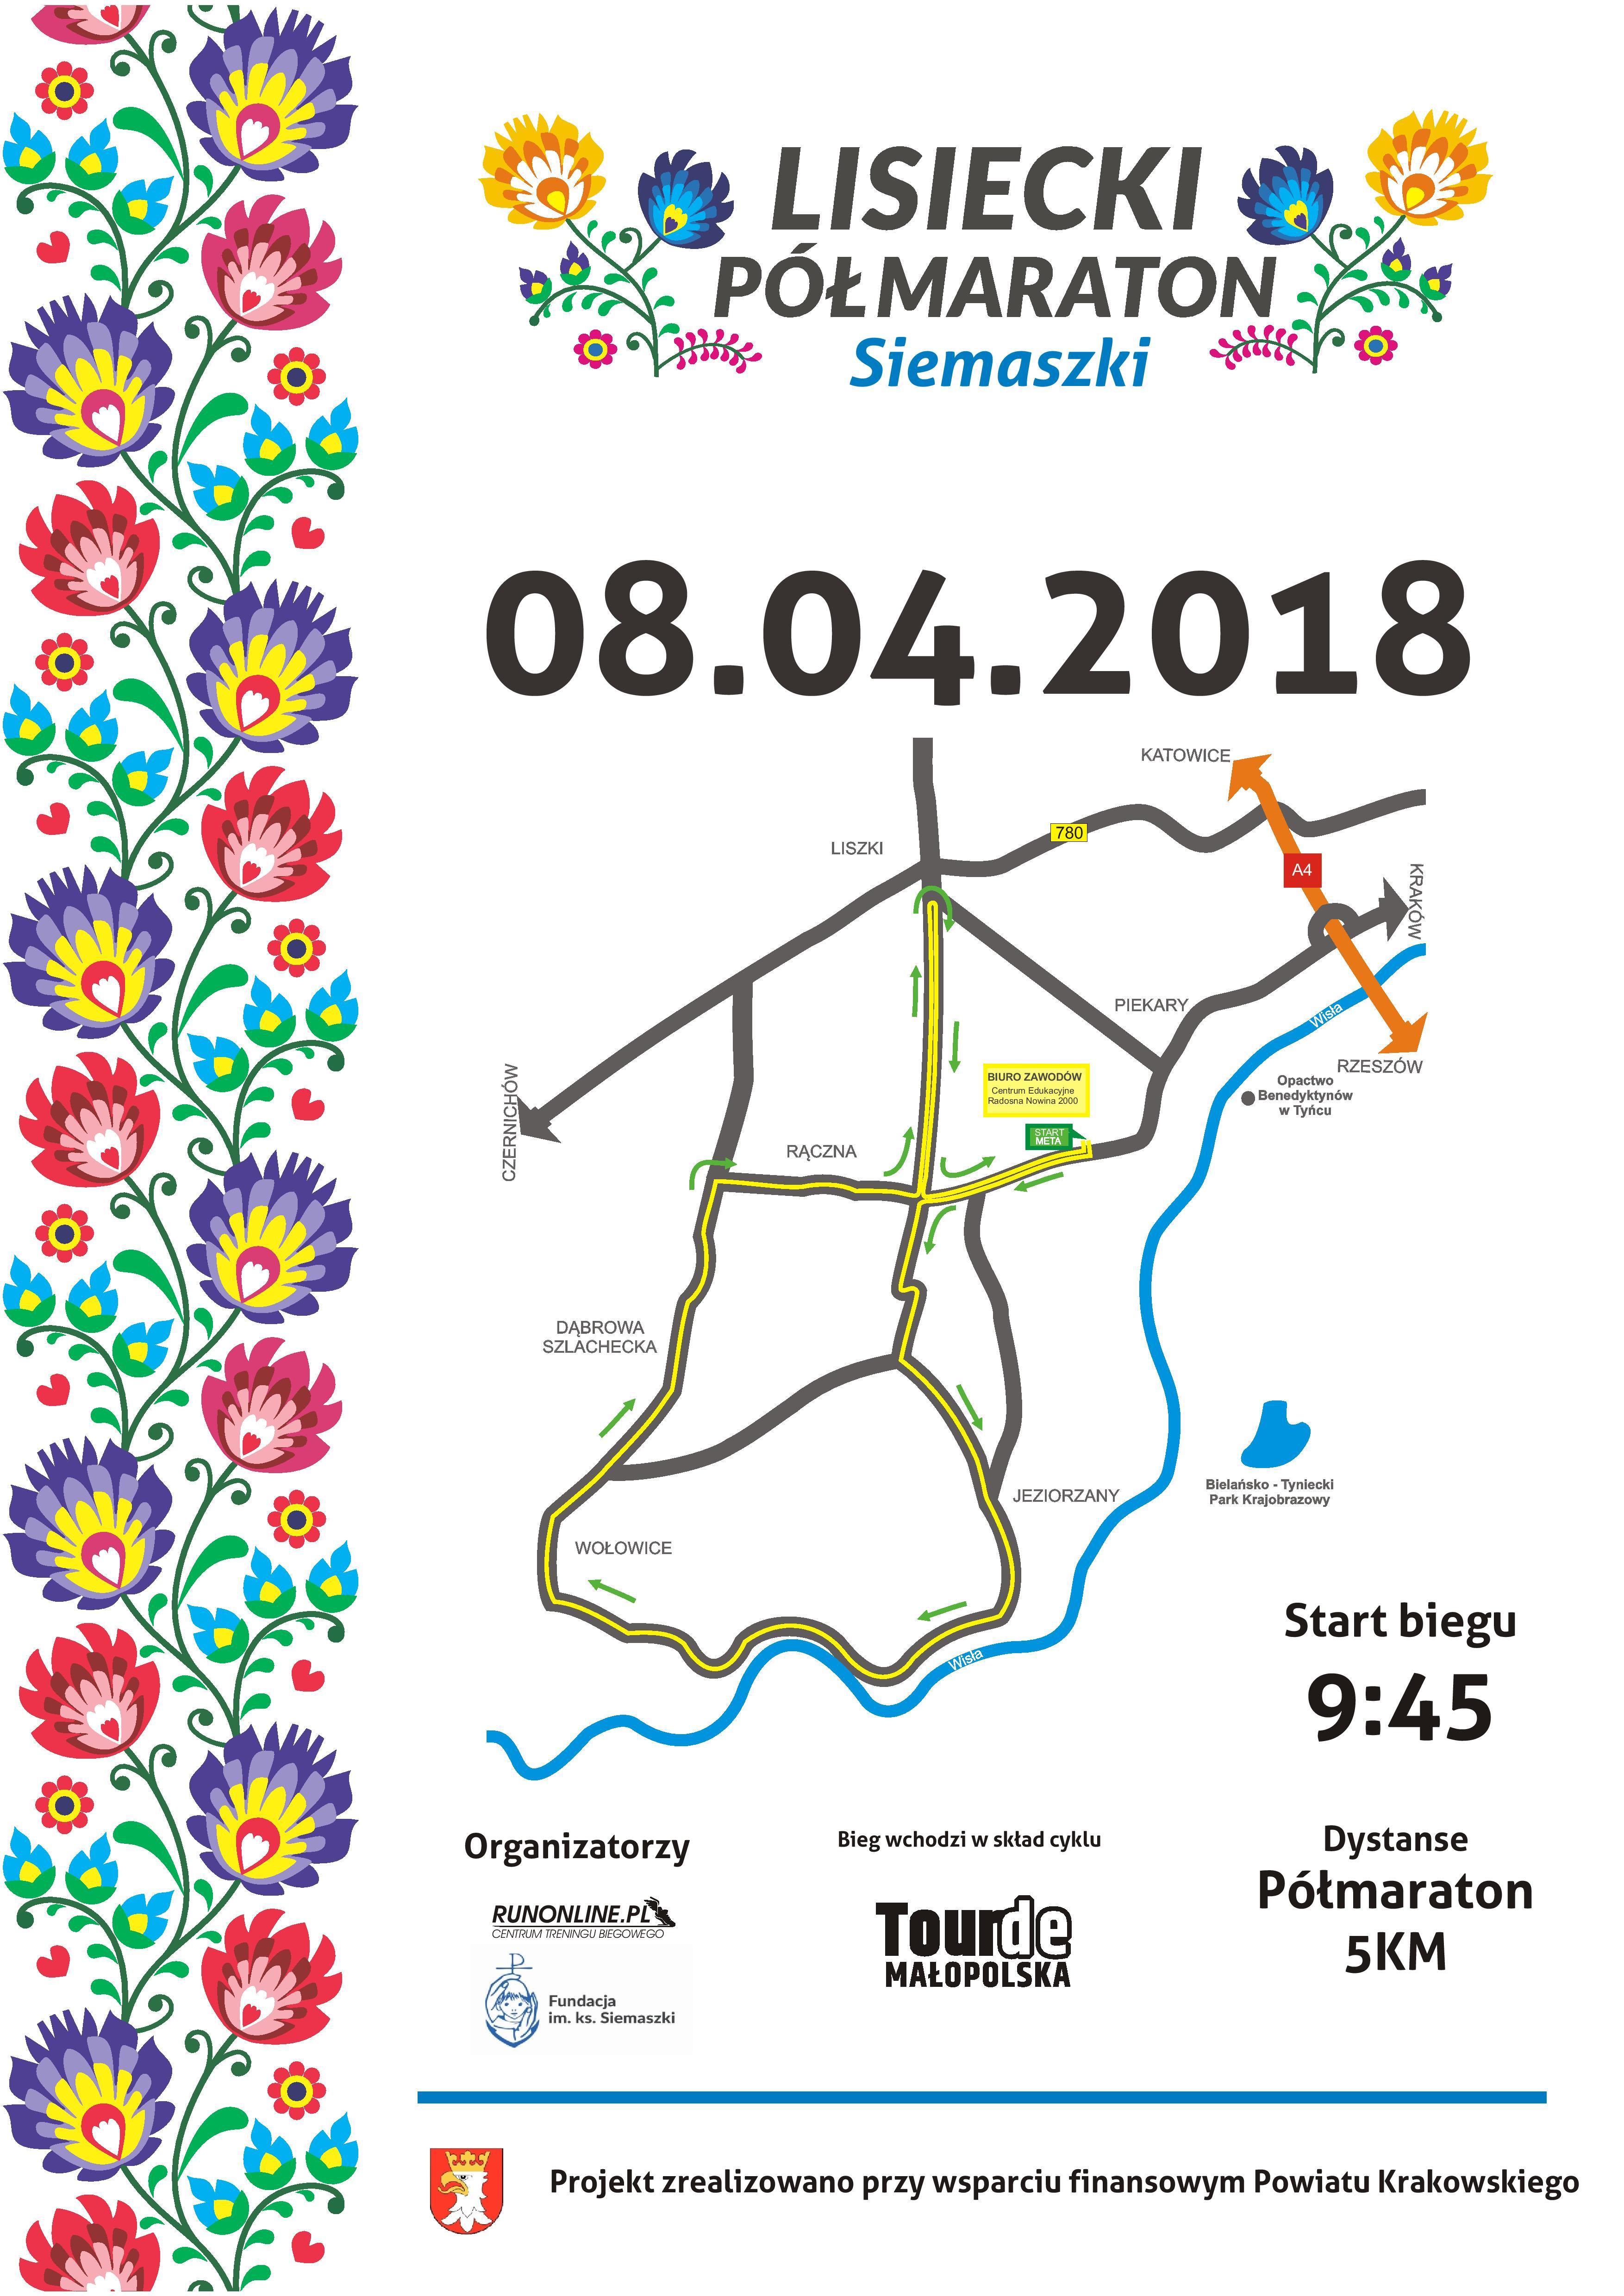 Lisiecki Półmaraton Siemaszki @ Radosna Nowina 2000 | Piekary | Polska